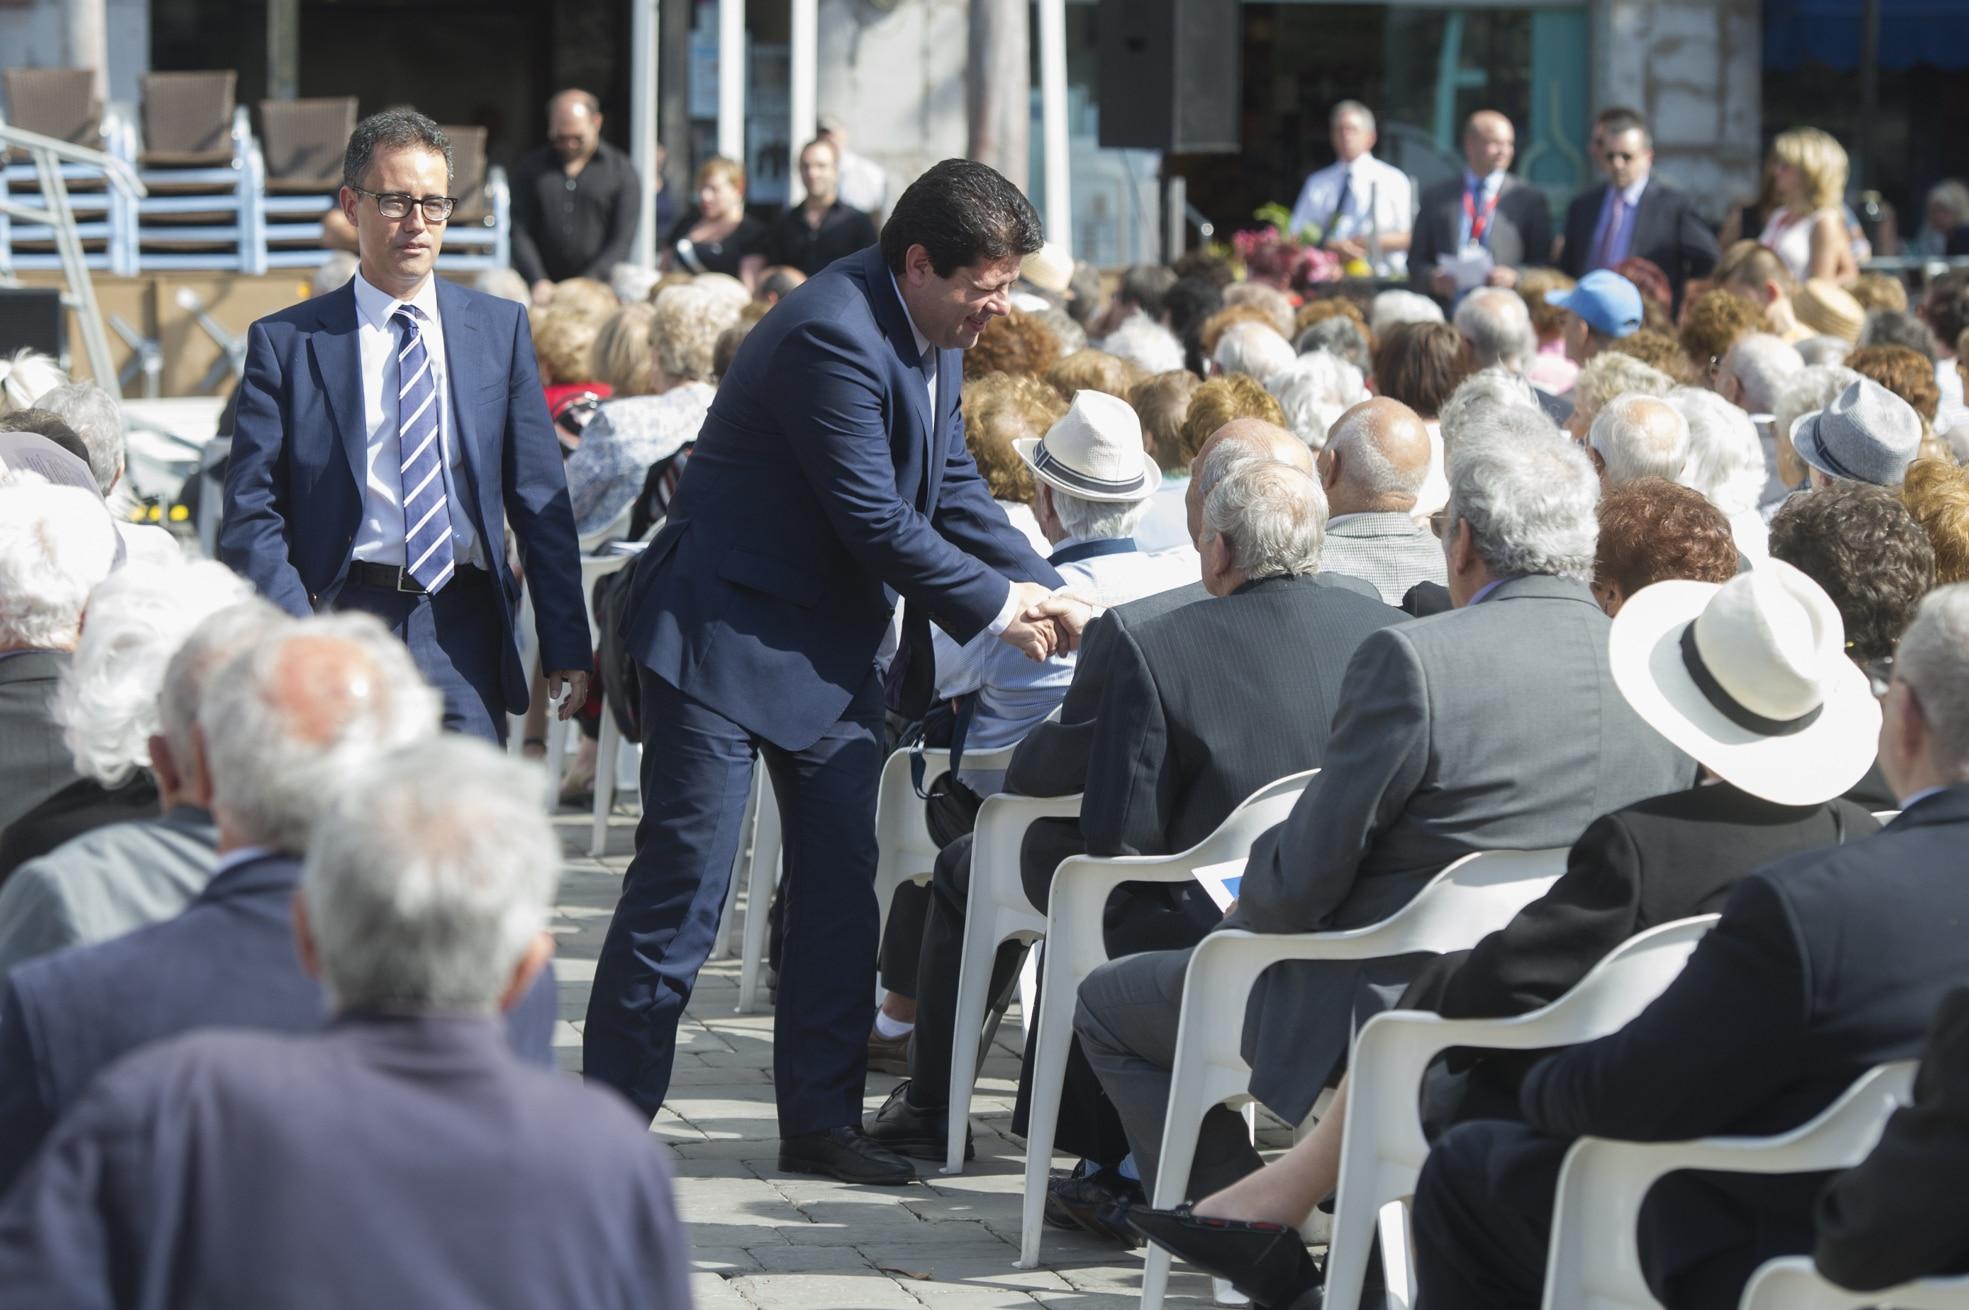 ceremonia-75-anos-evacuacion-gibraltar-22052015-09_17374685483_o